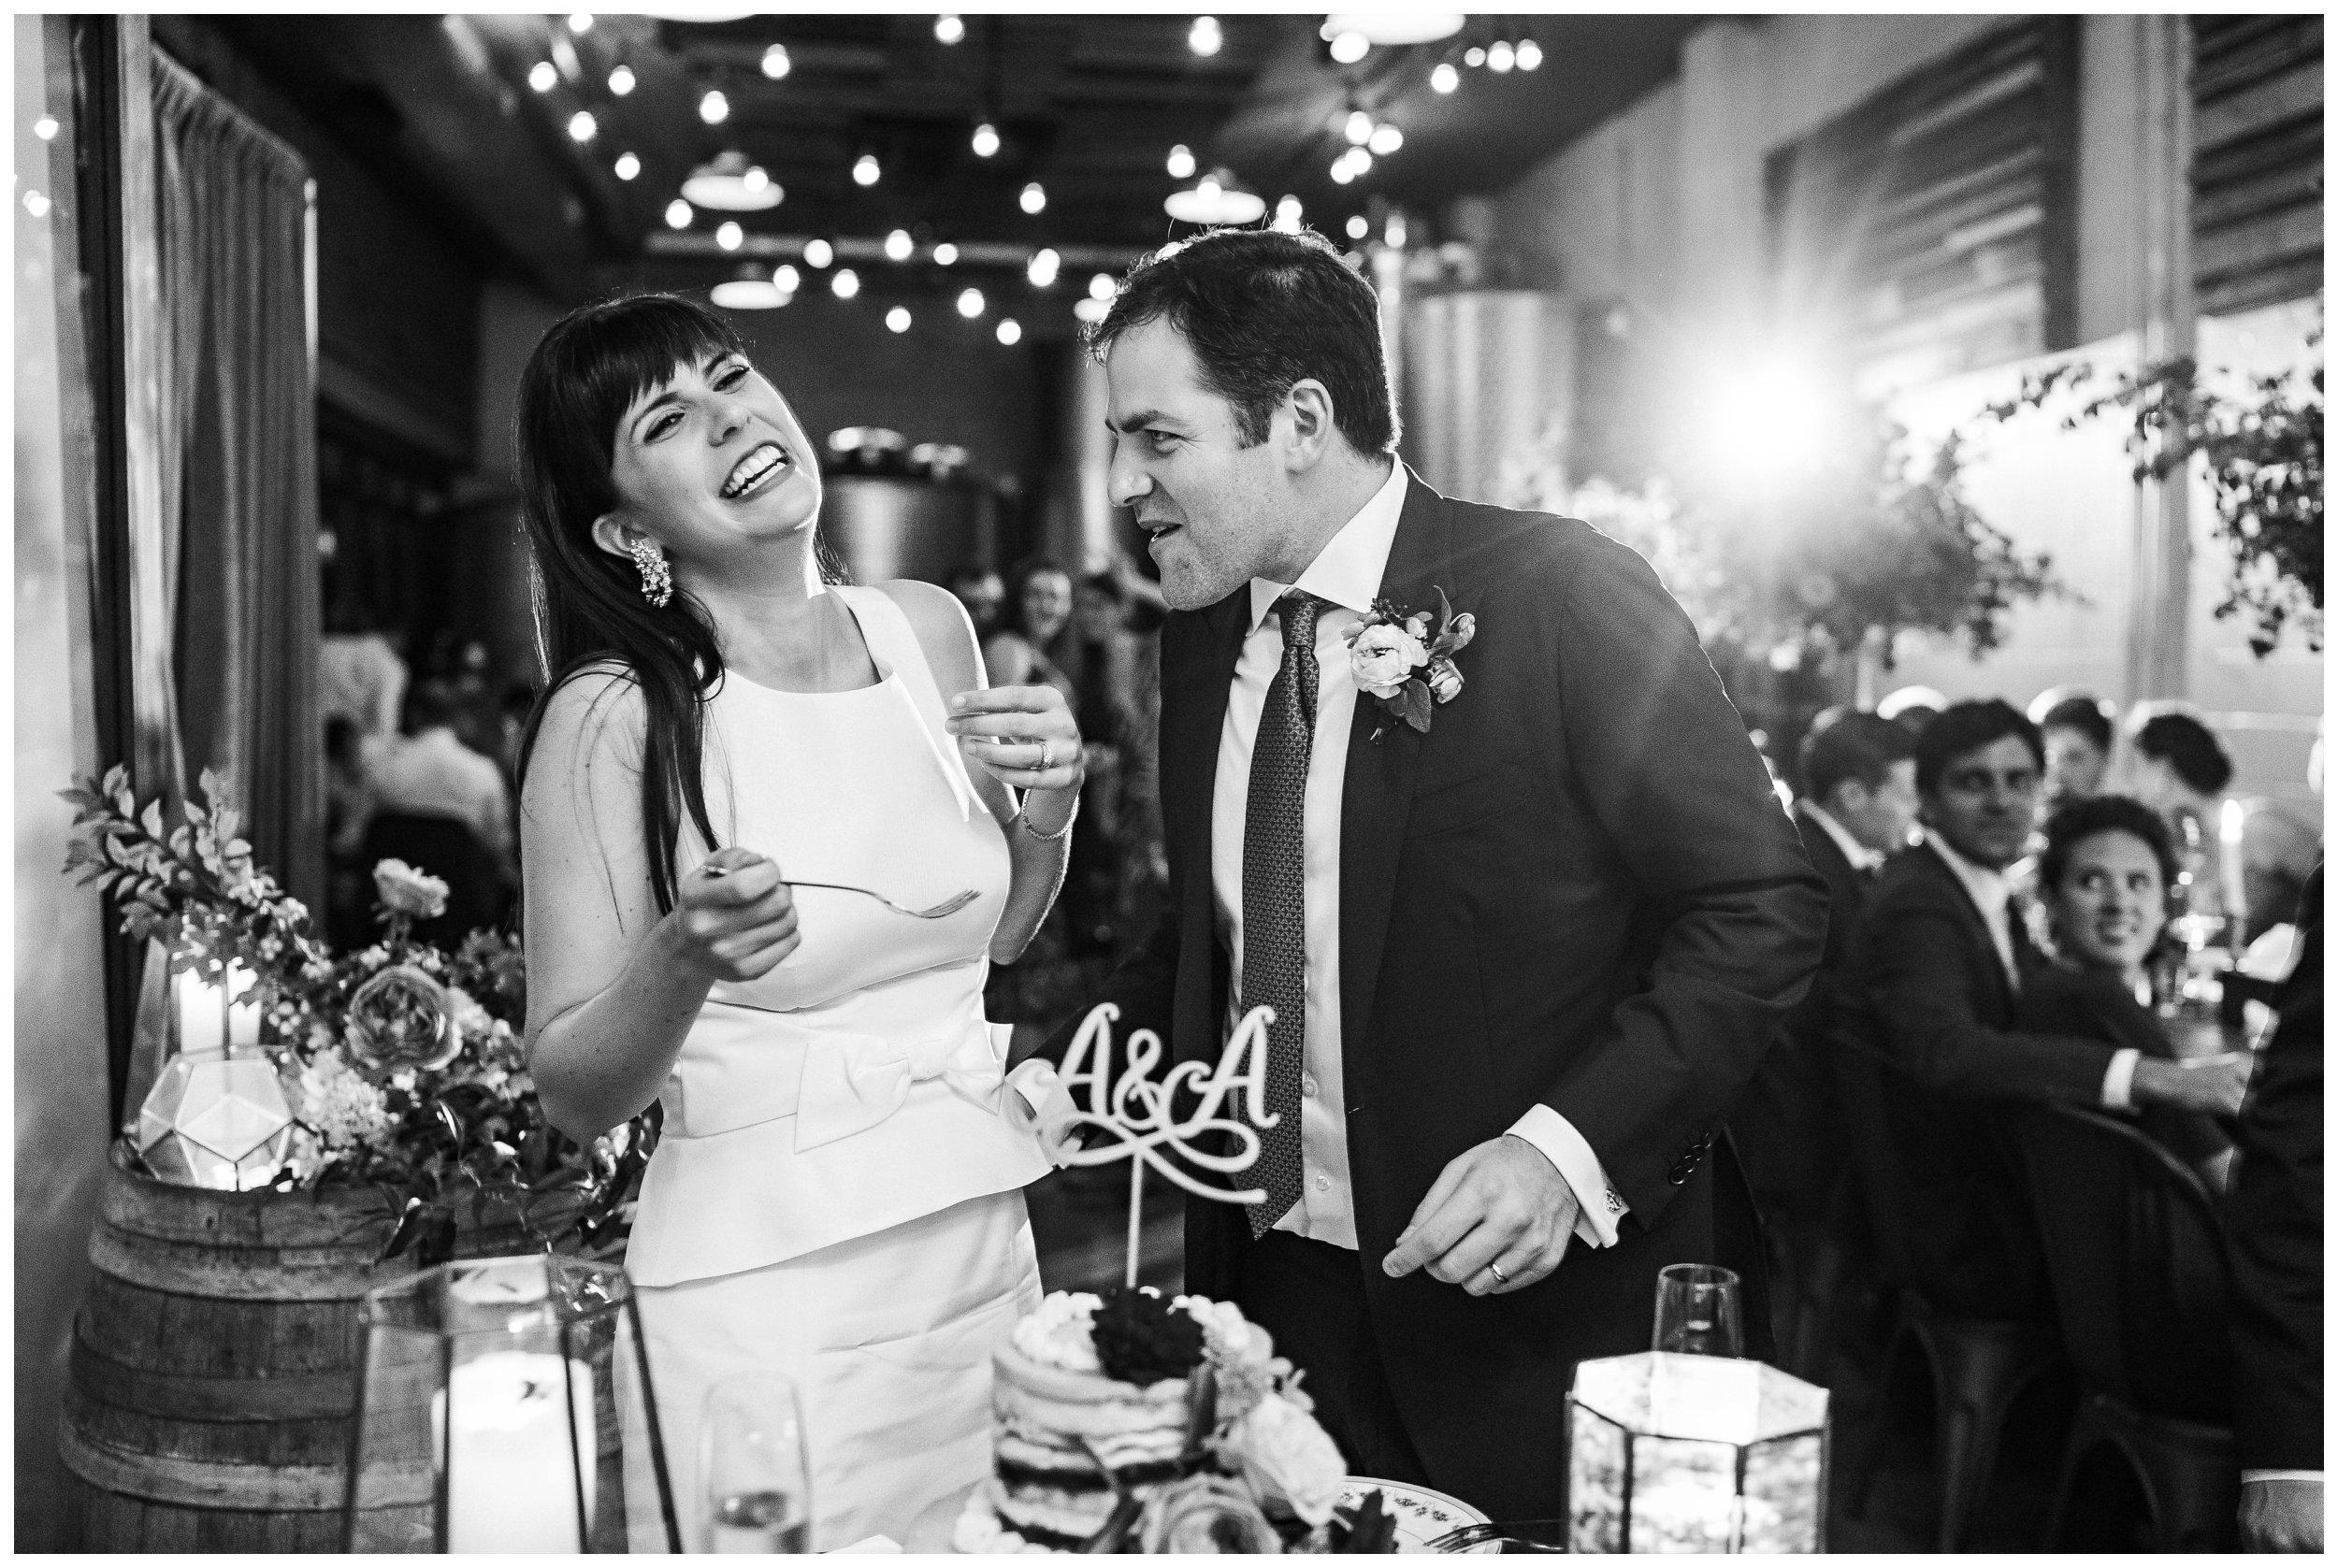 brooklyn winery wedding reception cake cutting